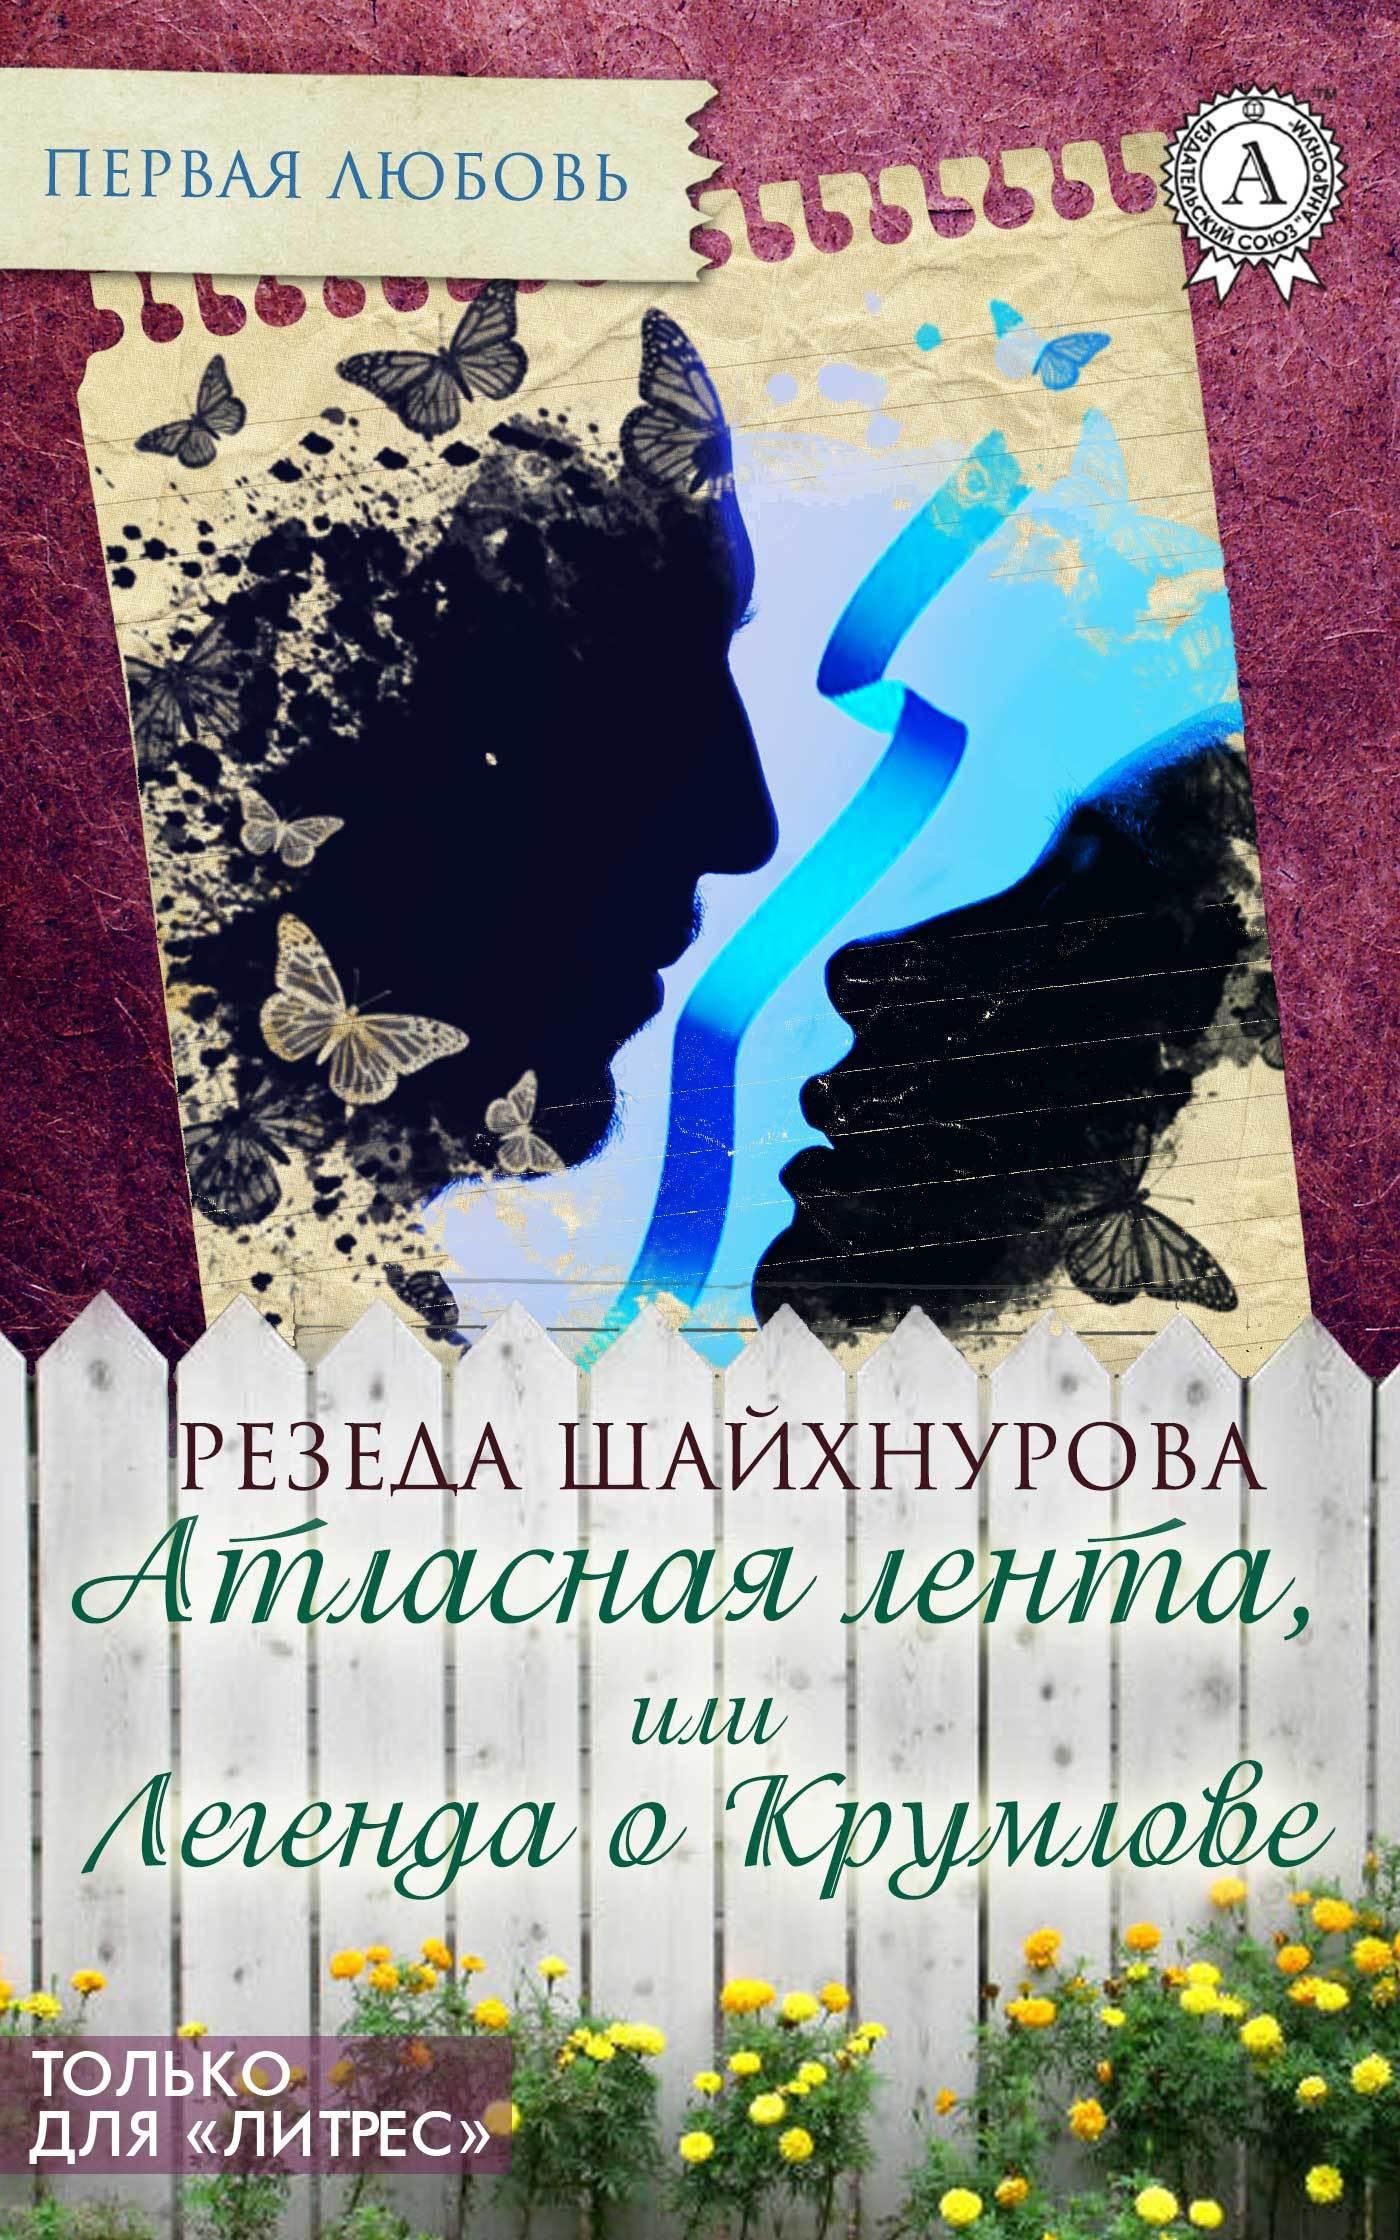 Резеда Шайхнурова - Атласная лента, или Легенда о Крумлове